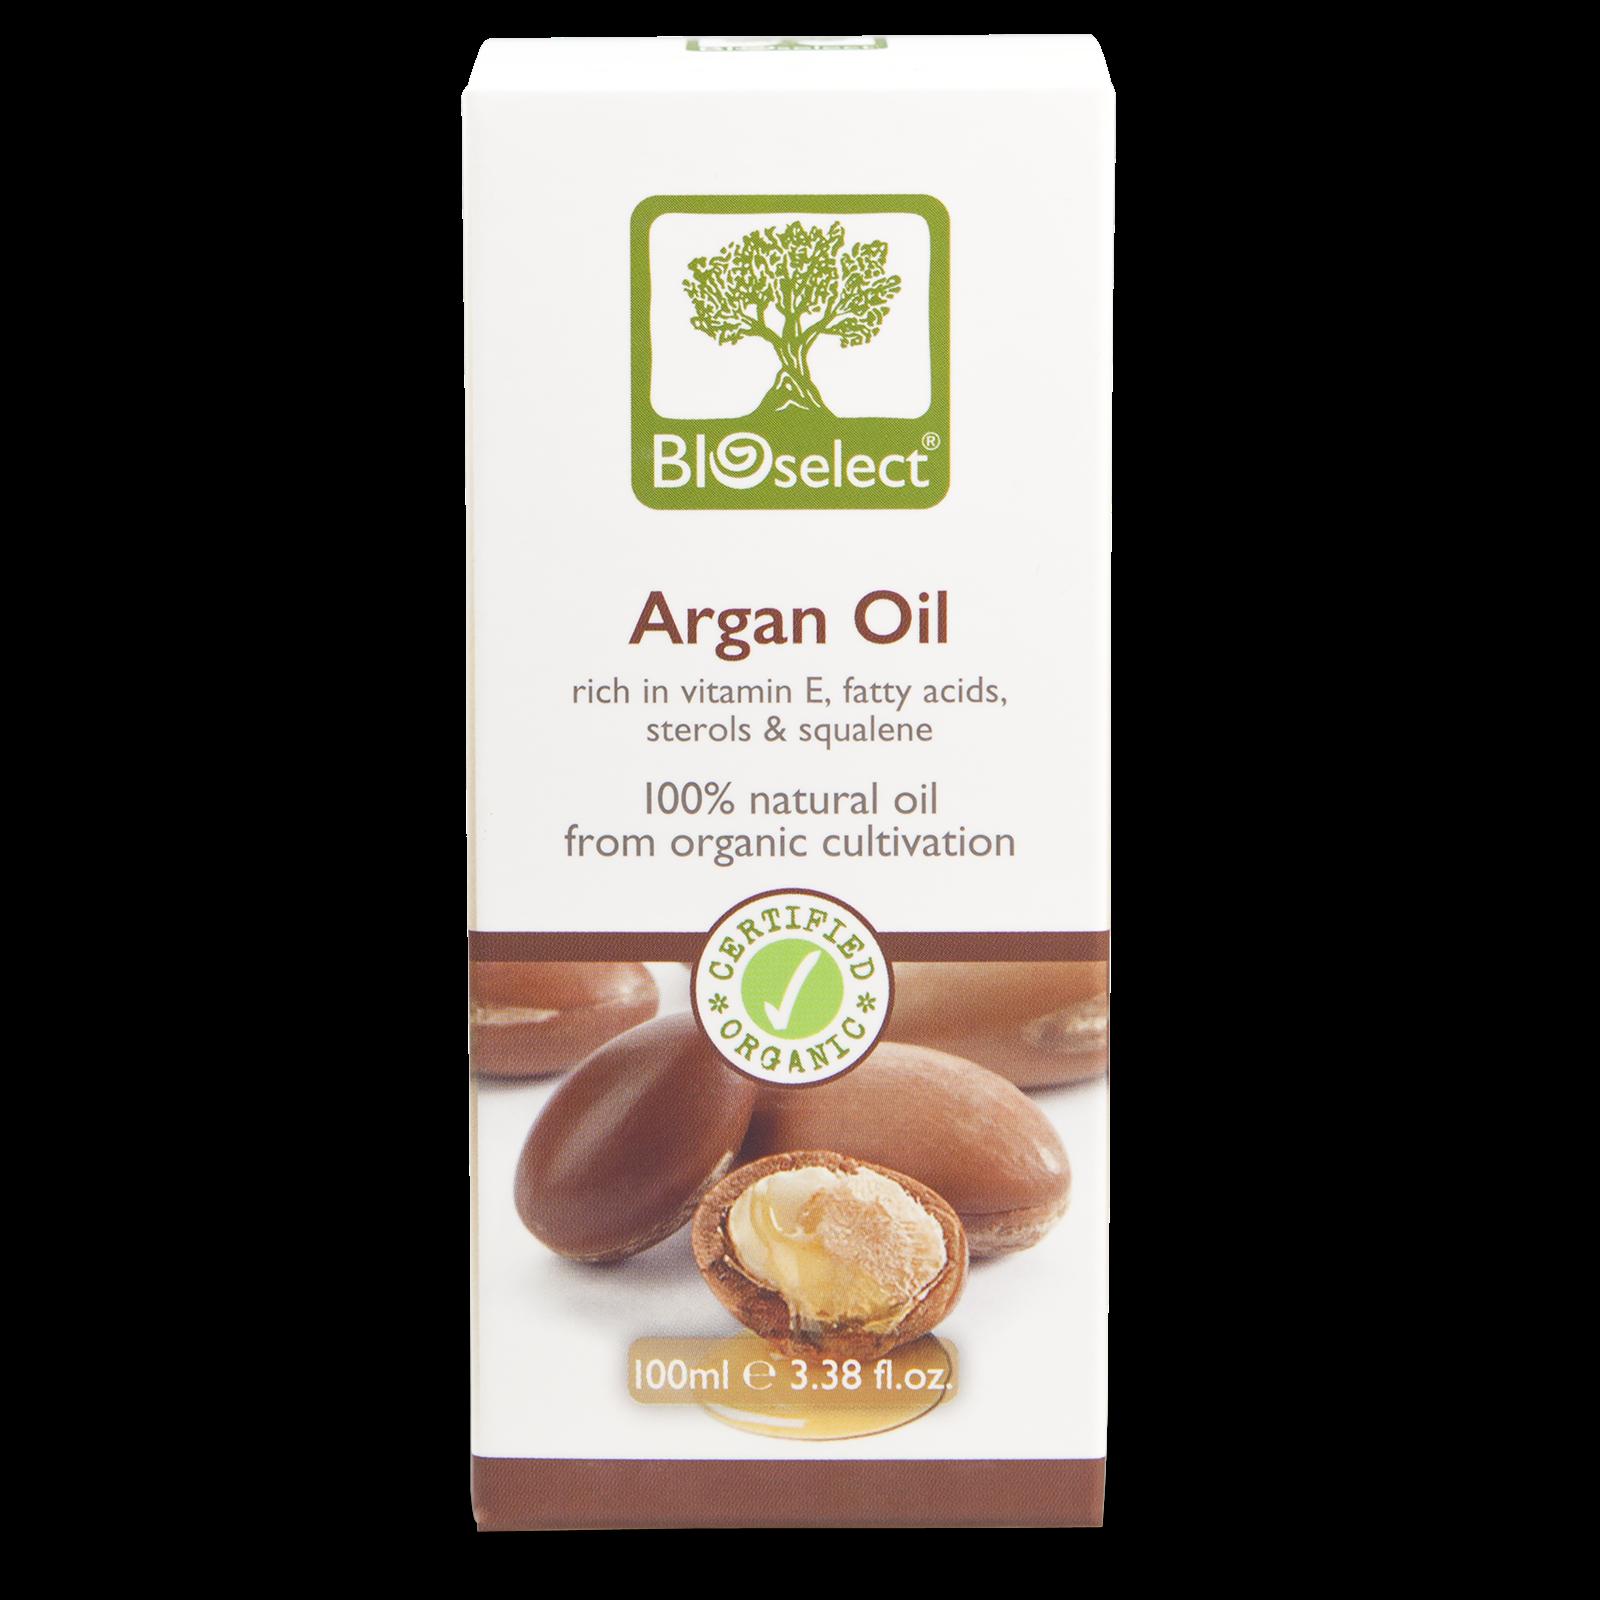 Bioselect Argan Oil Certified Organic